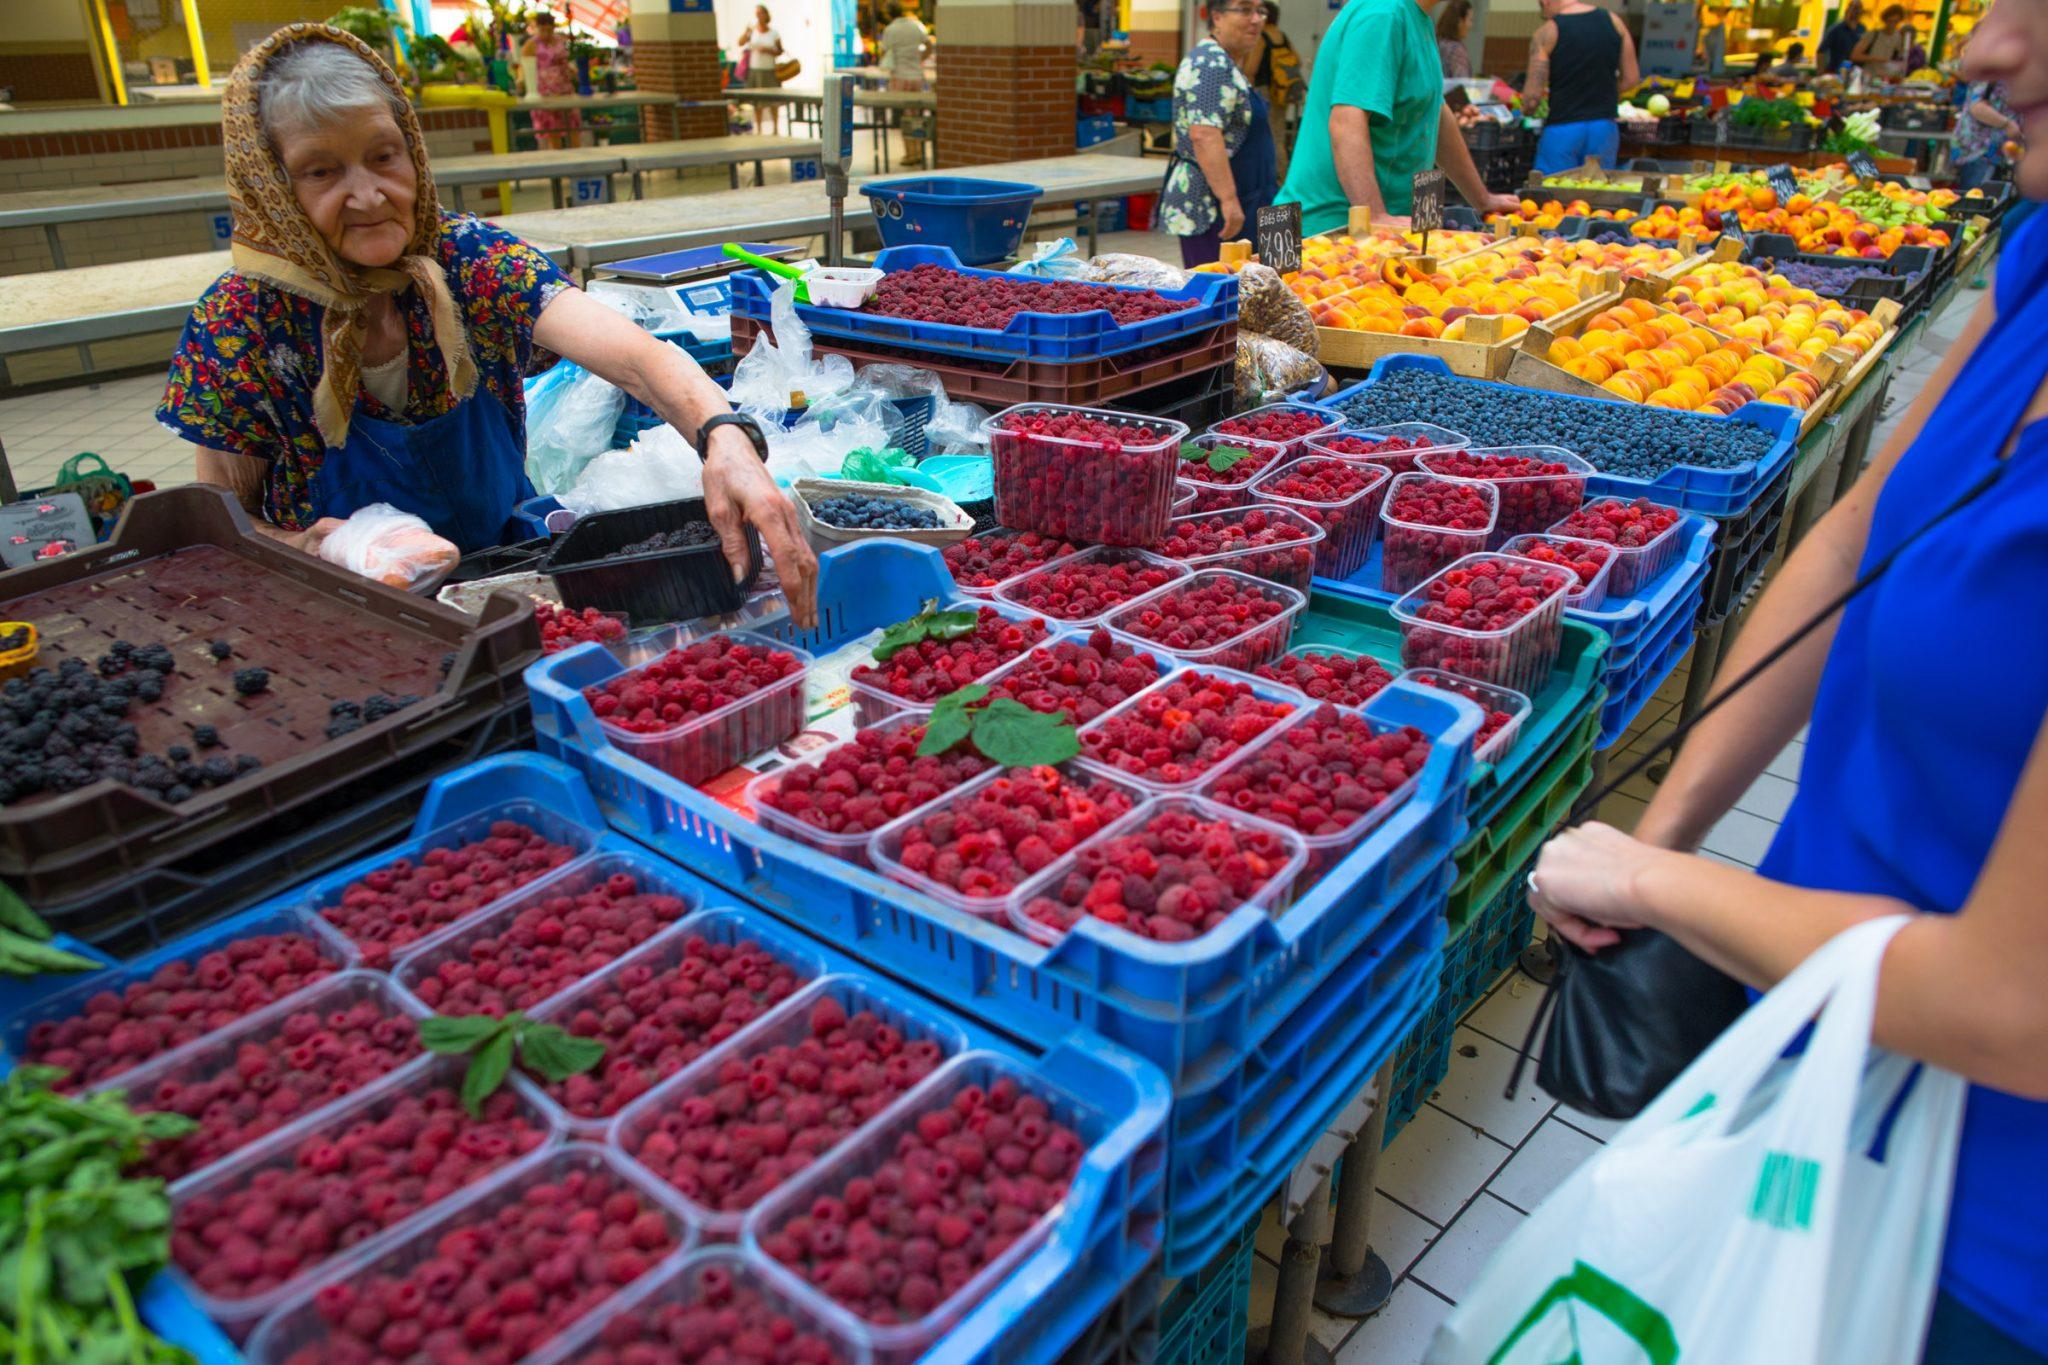 Farmer's Market in Budapest, Hungary